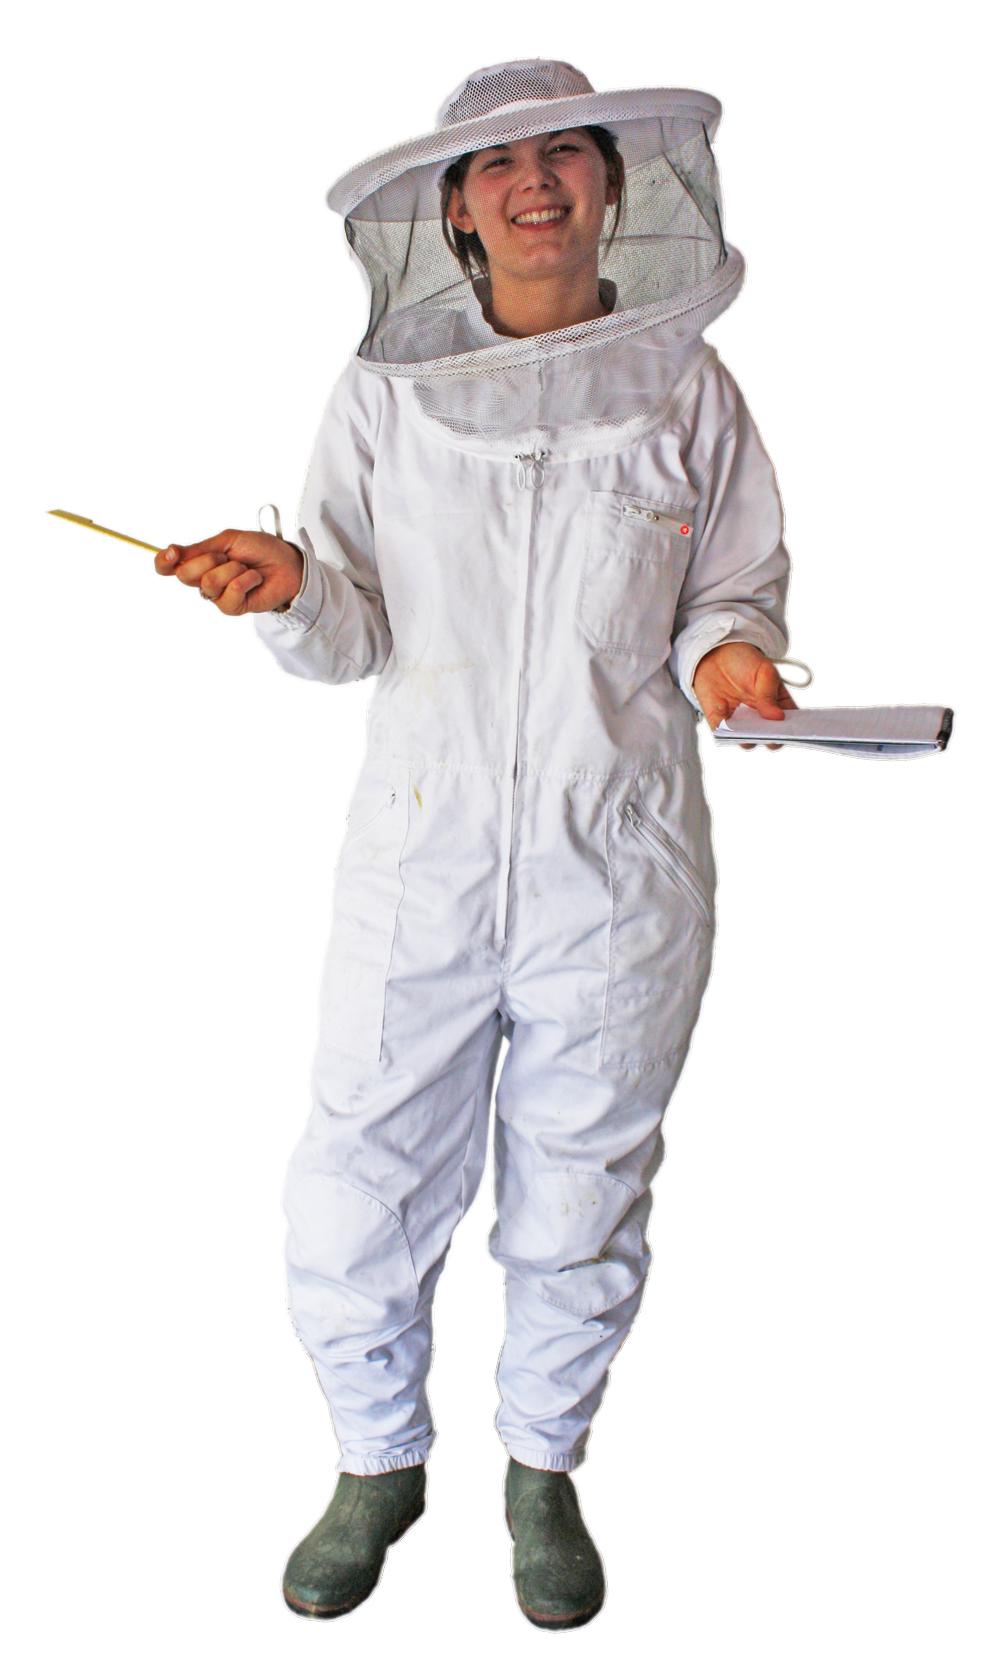 является одним костюм пчеловода в картинках радостно душа ликует